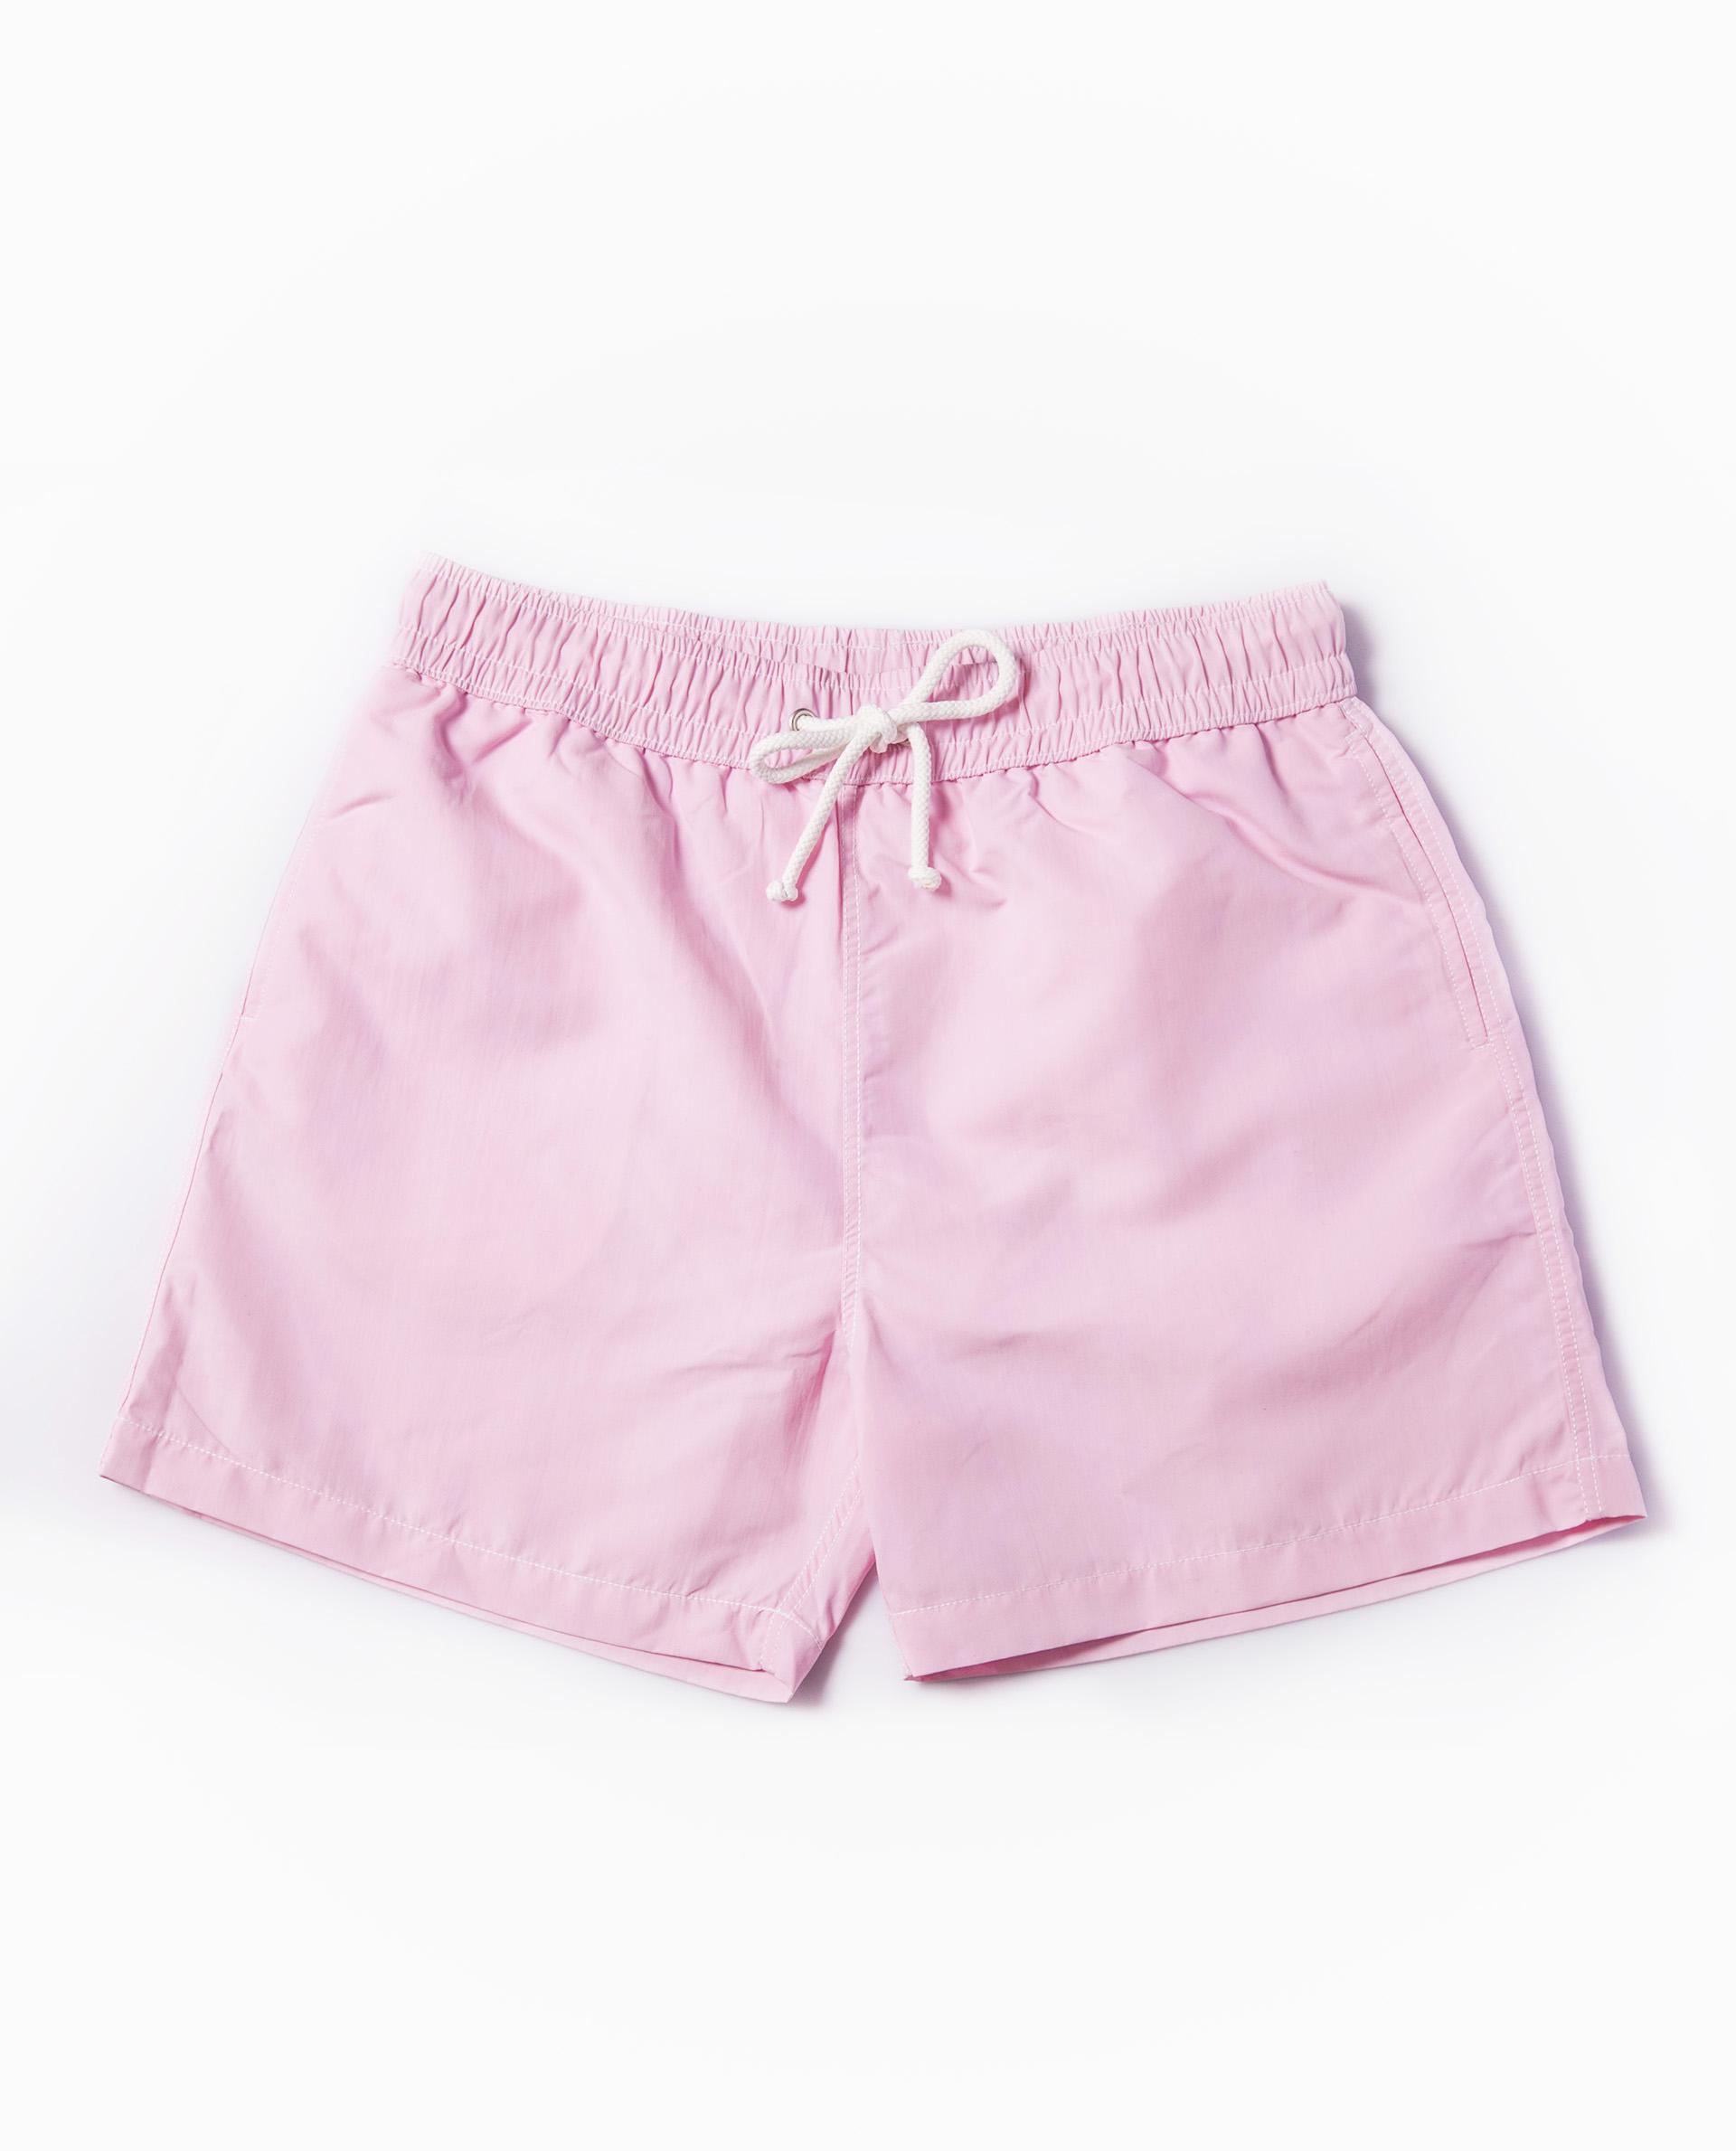 Short de bain rose pâle